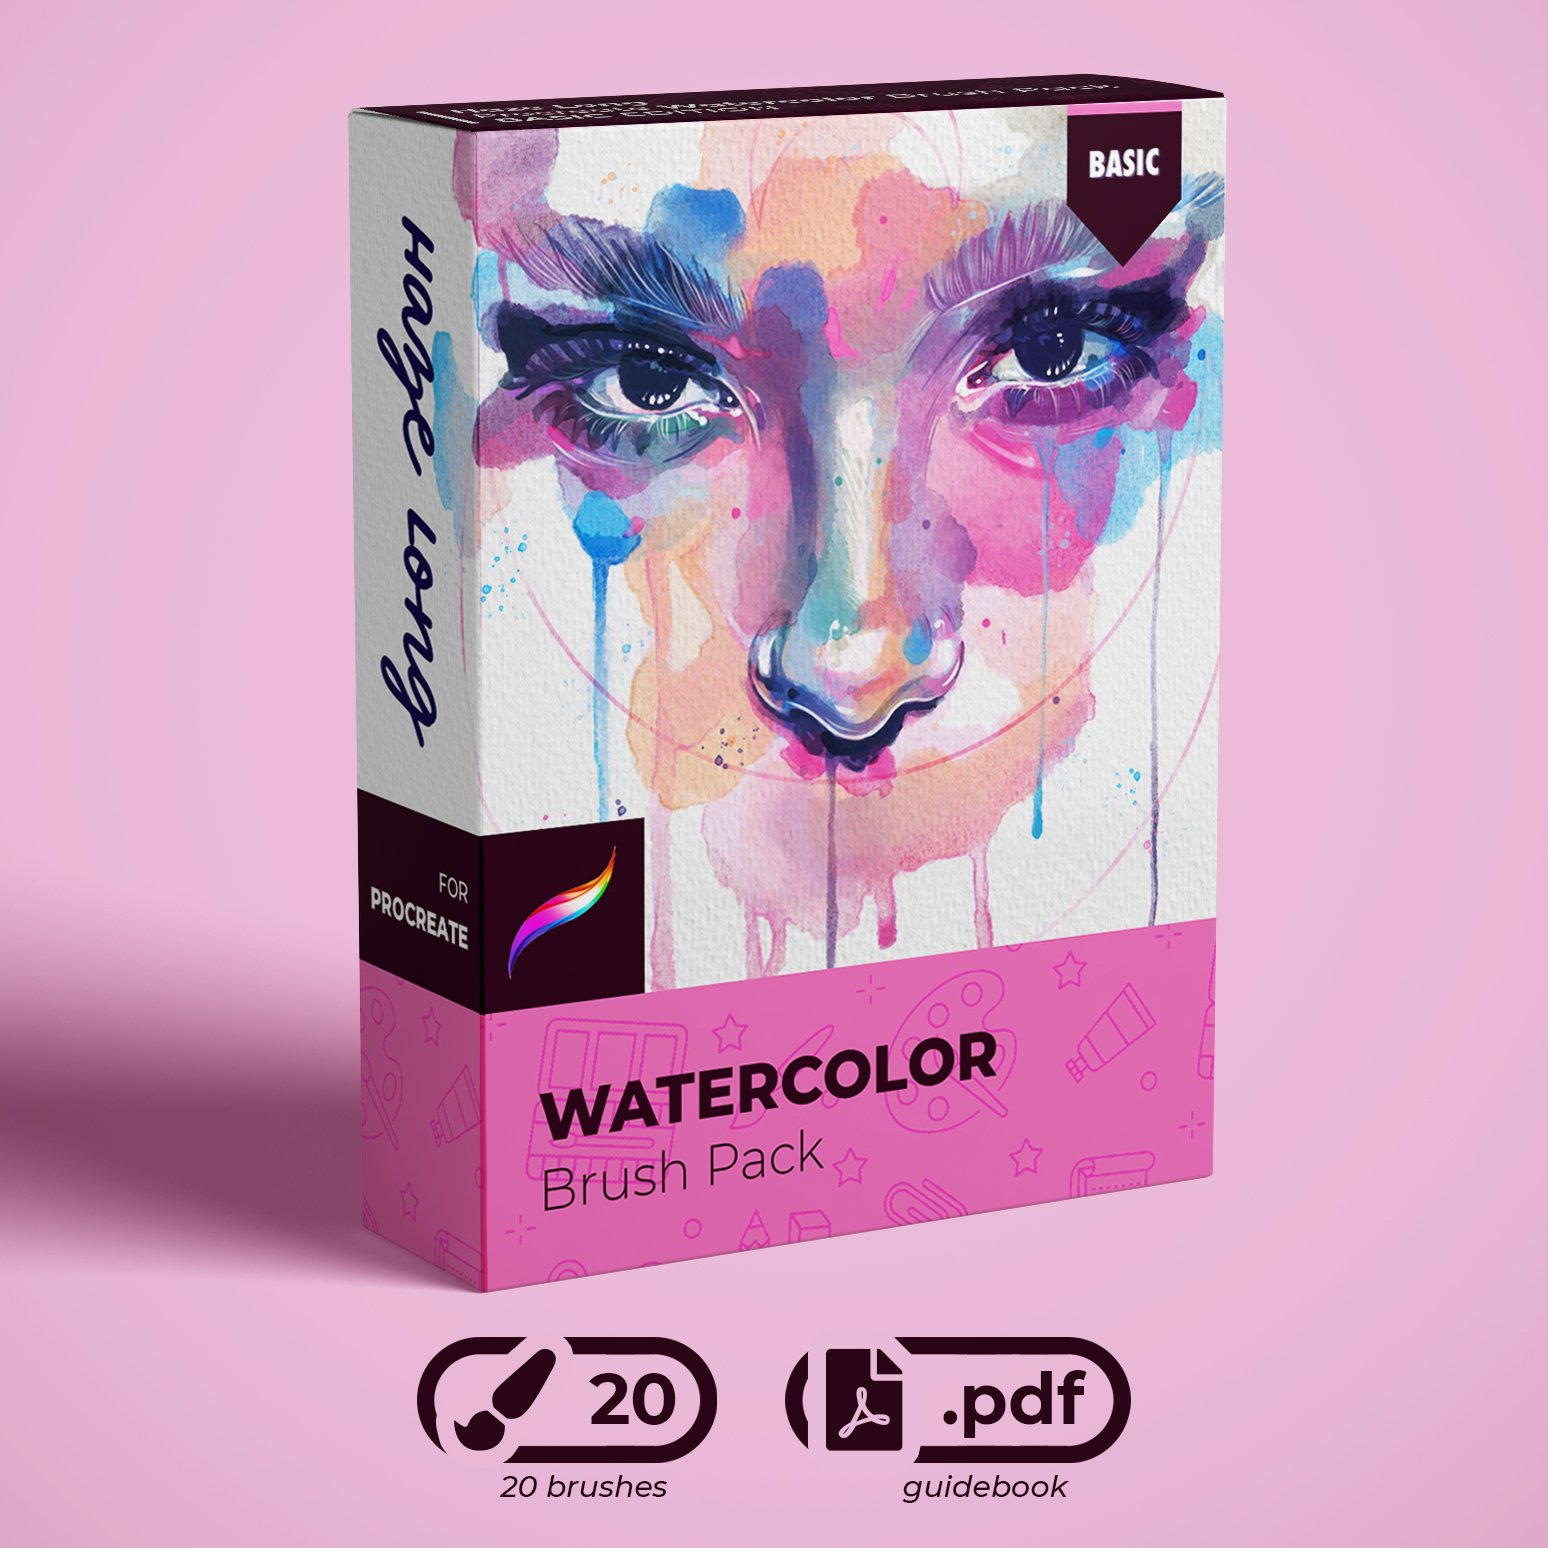 Haze Long Procreate Watercolor Brush Pack